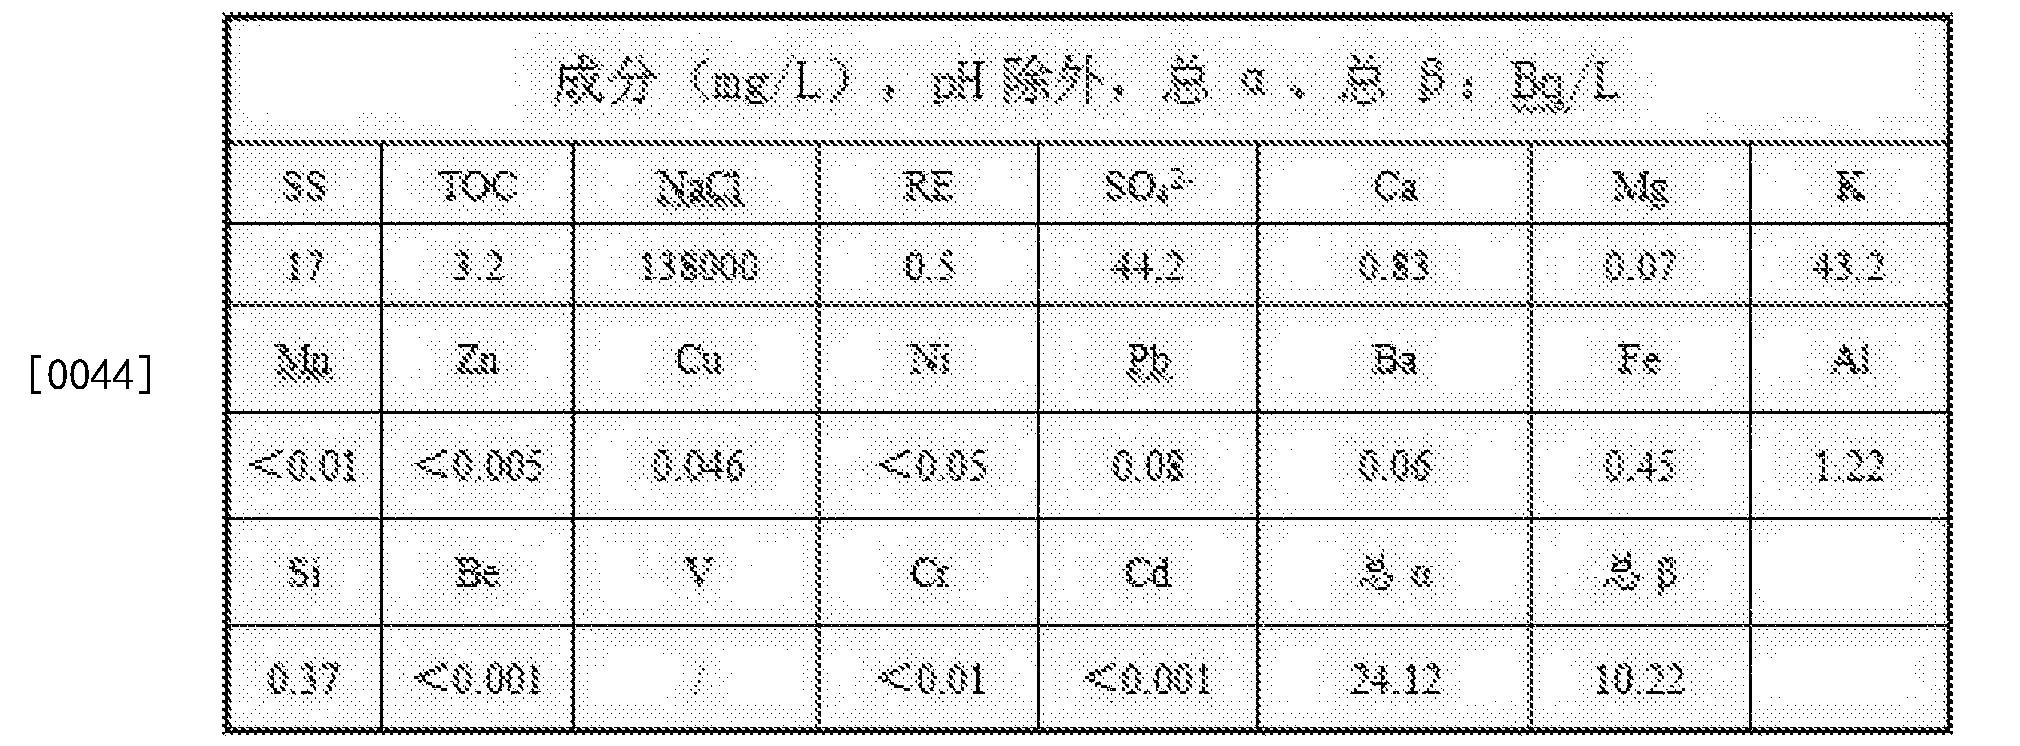 Figure CN104591459BD00052